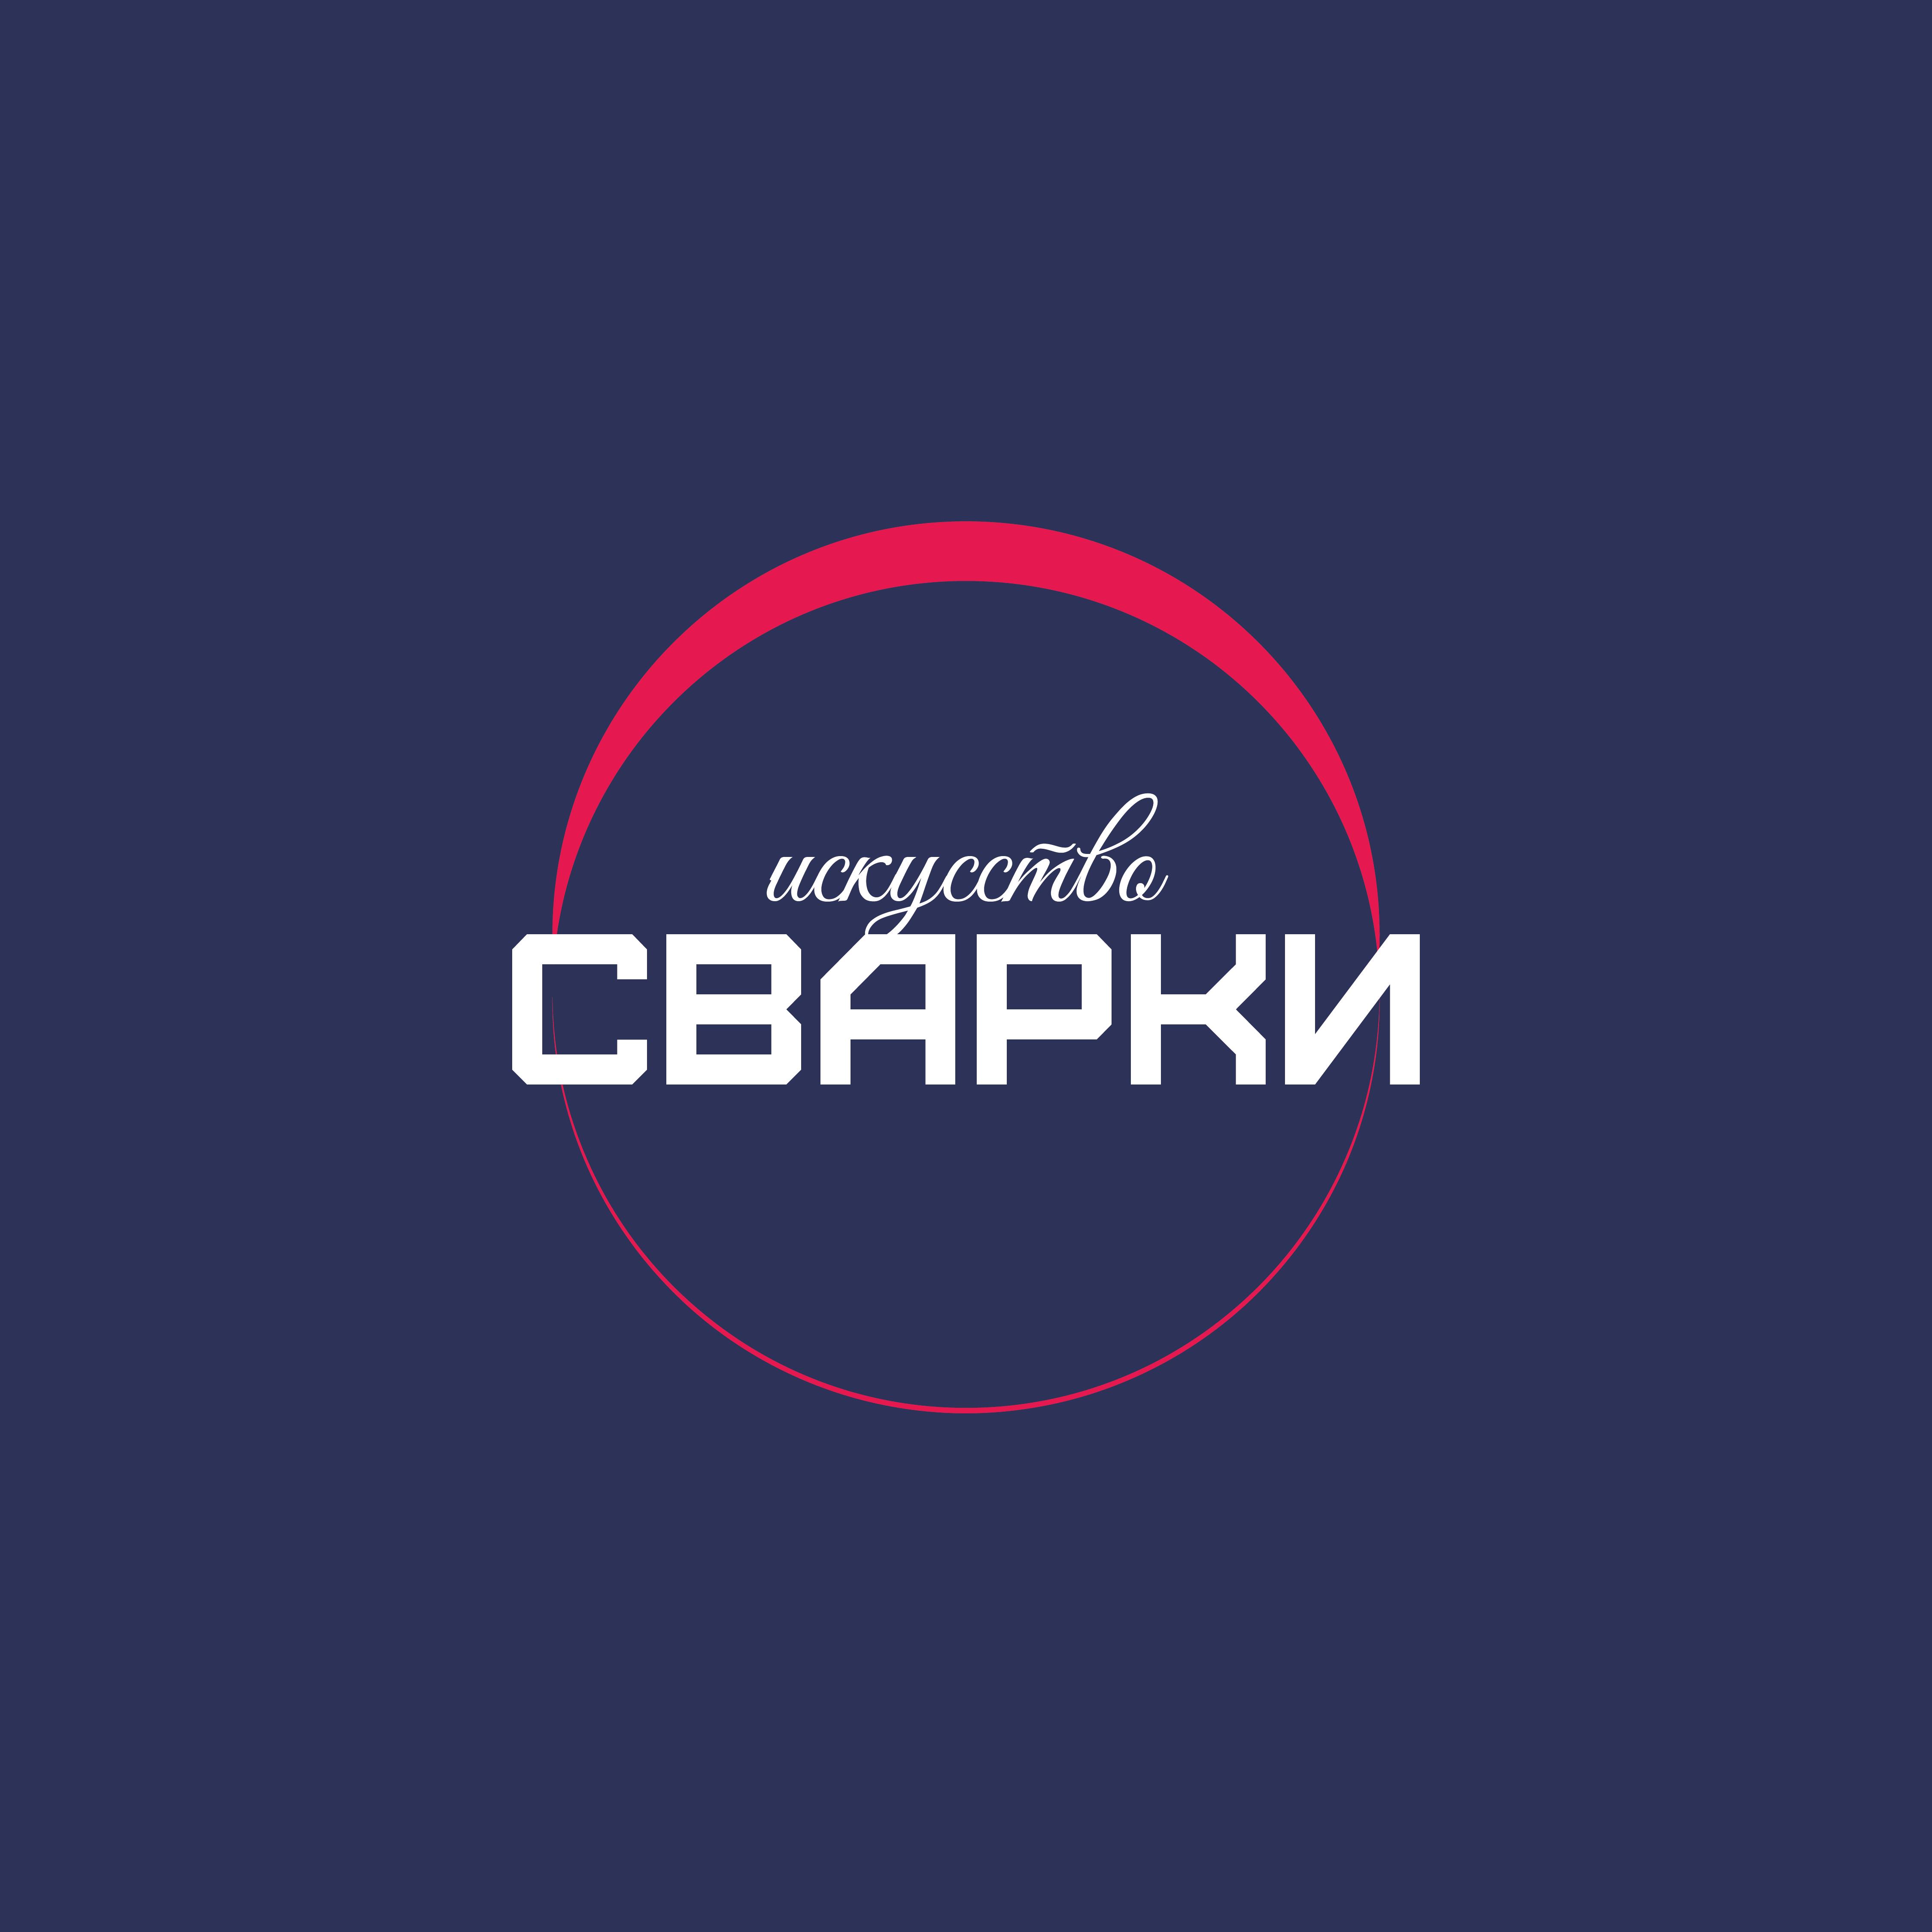 Разработка логотипа для Конкурса фото f_3435f6da1ce4c09c.png